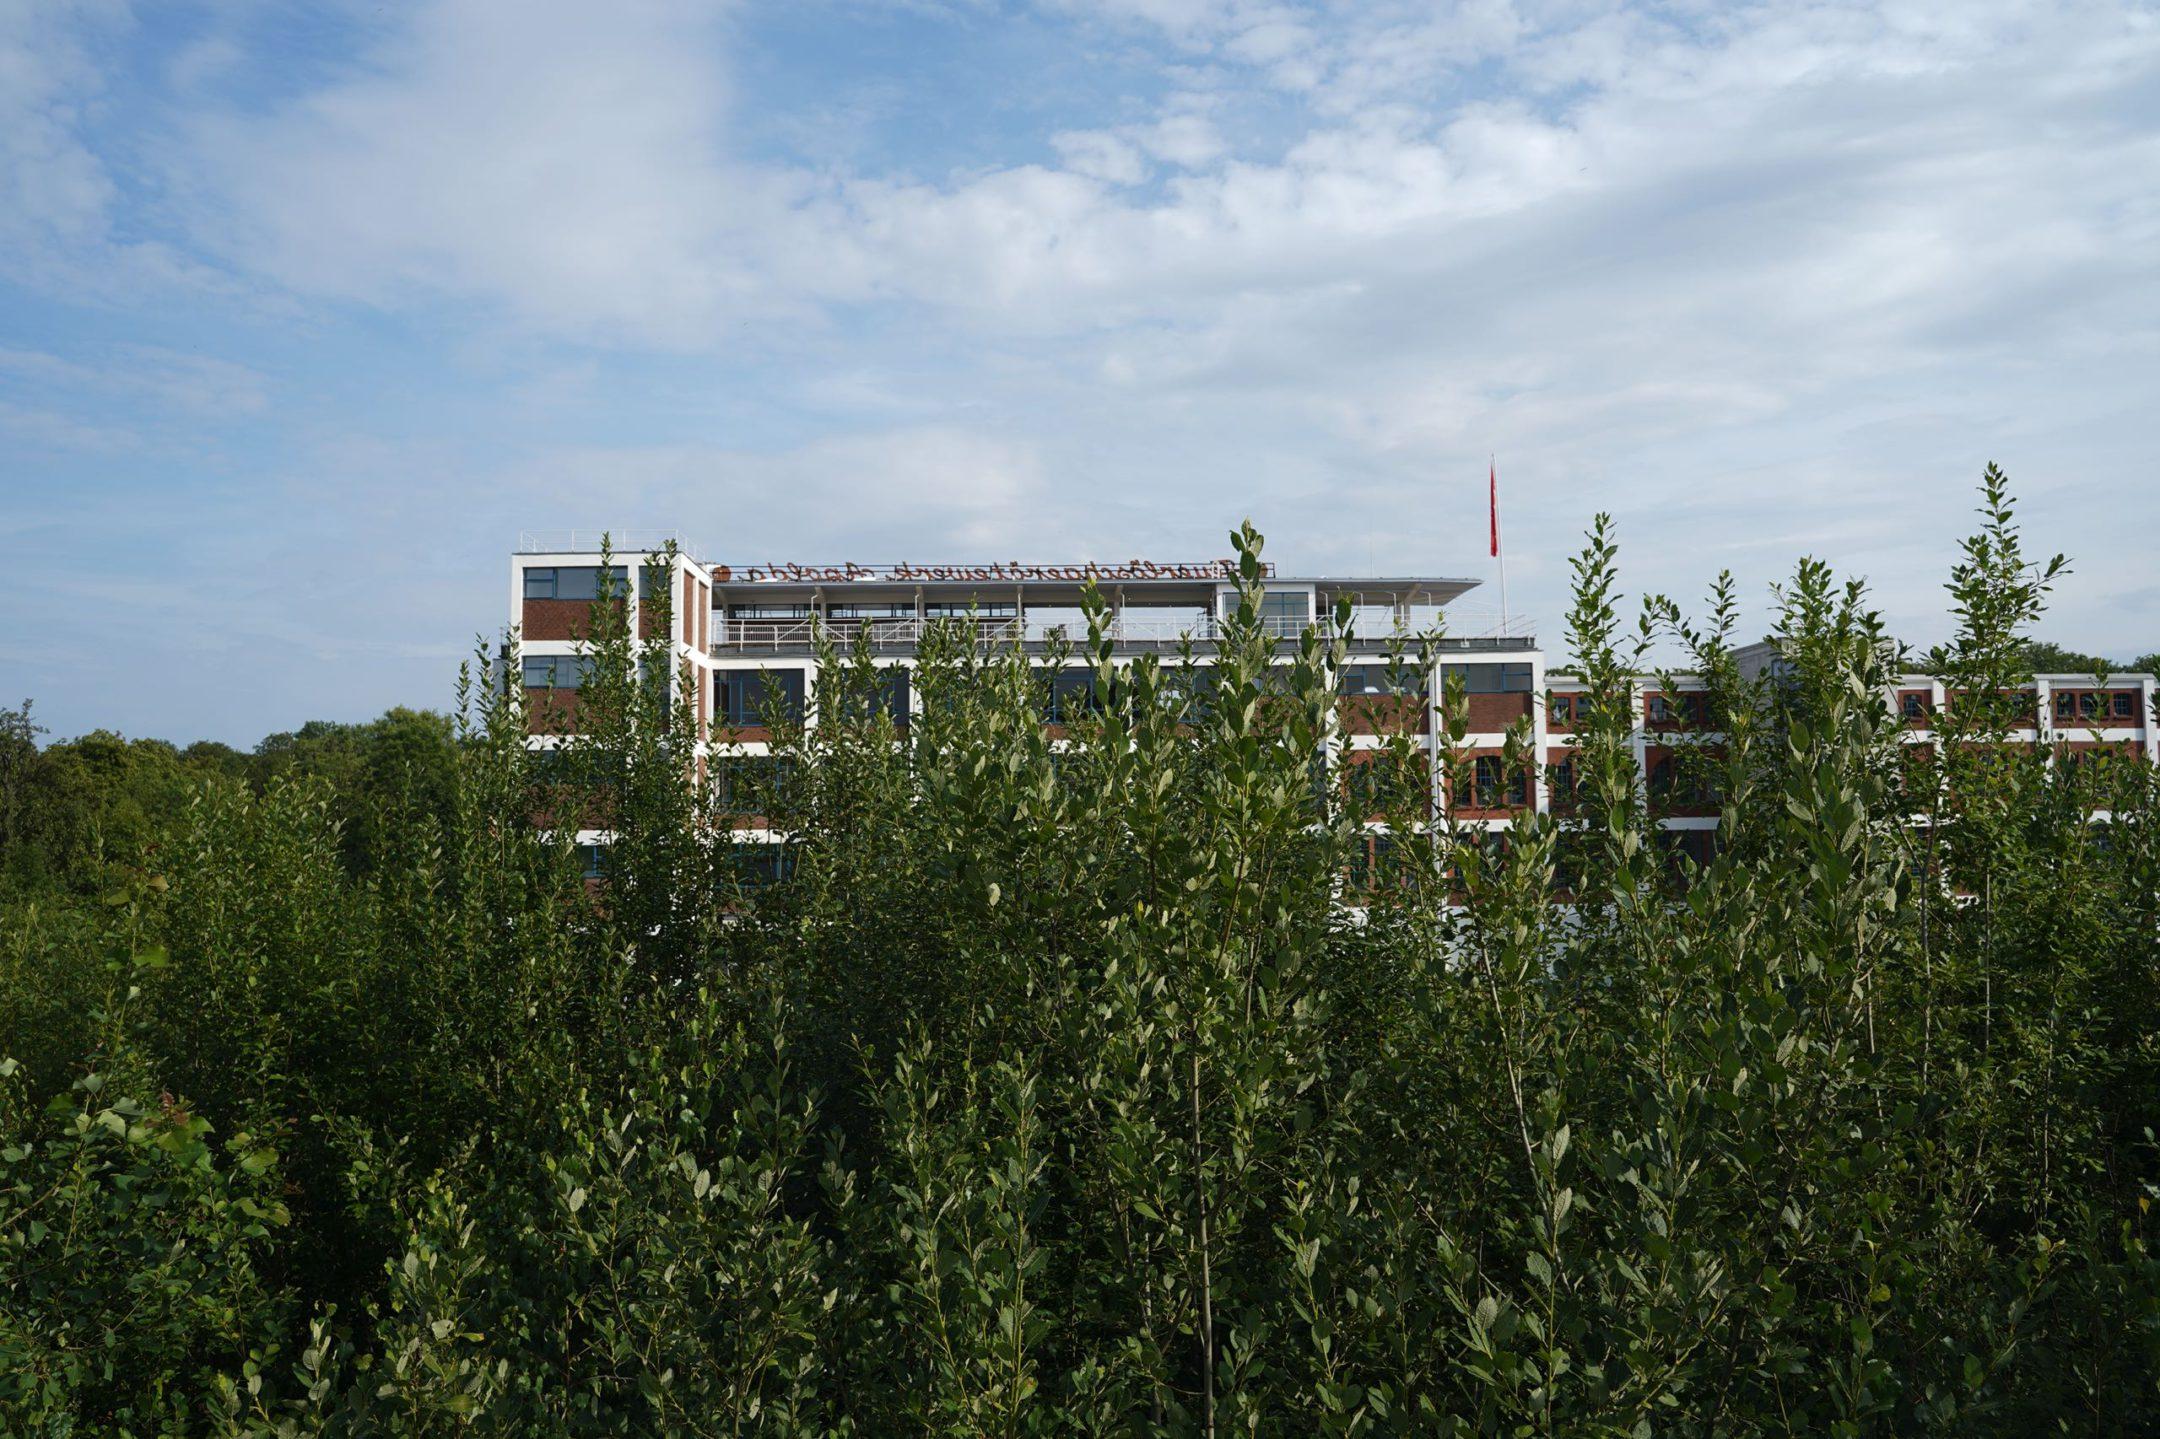 Das Industriedenkmal Eiermannbau steht am Ortsrand Apoldas, nicht unweit des Bahnhofs. (Apolda Voraus! | Forschungsreise im Hotel Egon – Kollektiv Raumstation)